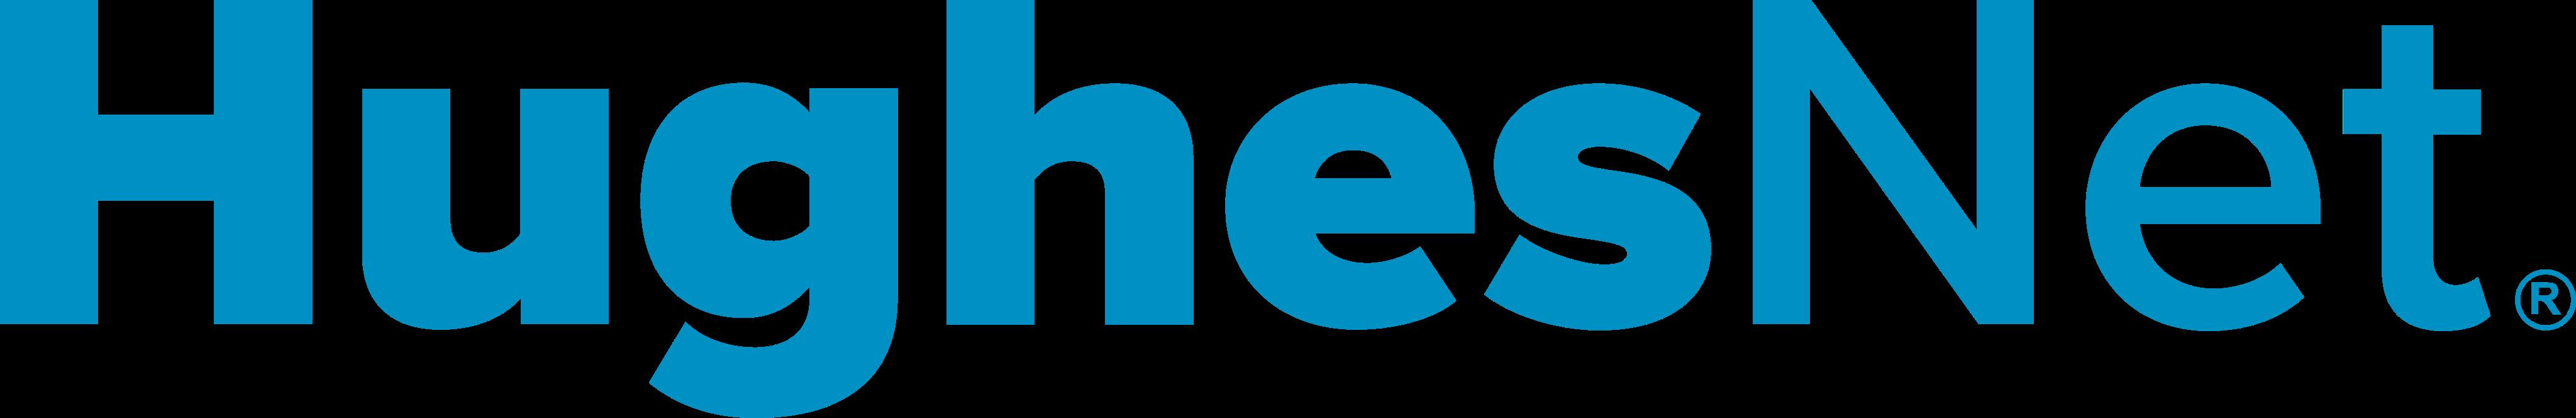 hughesnet logo - HughesNet Logo